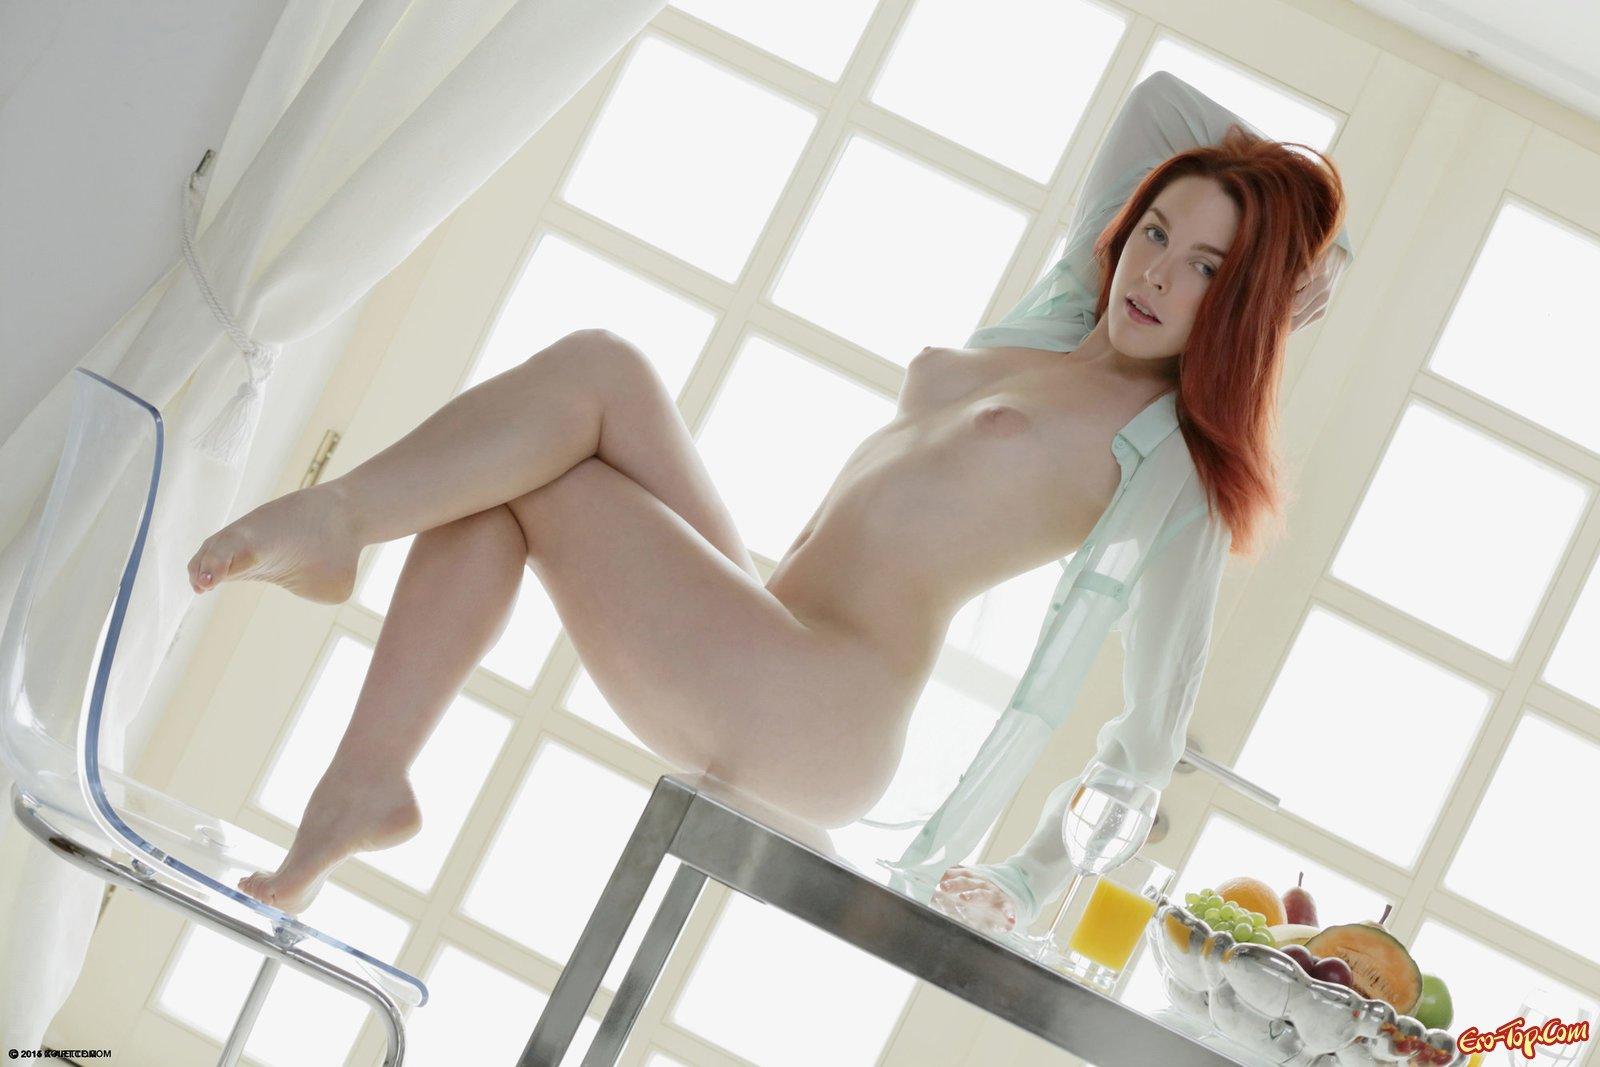 Девка бахвалится обнаженным туловищем за обеденным столом